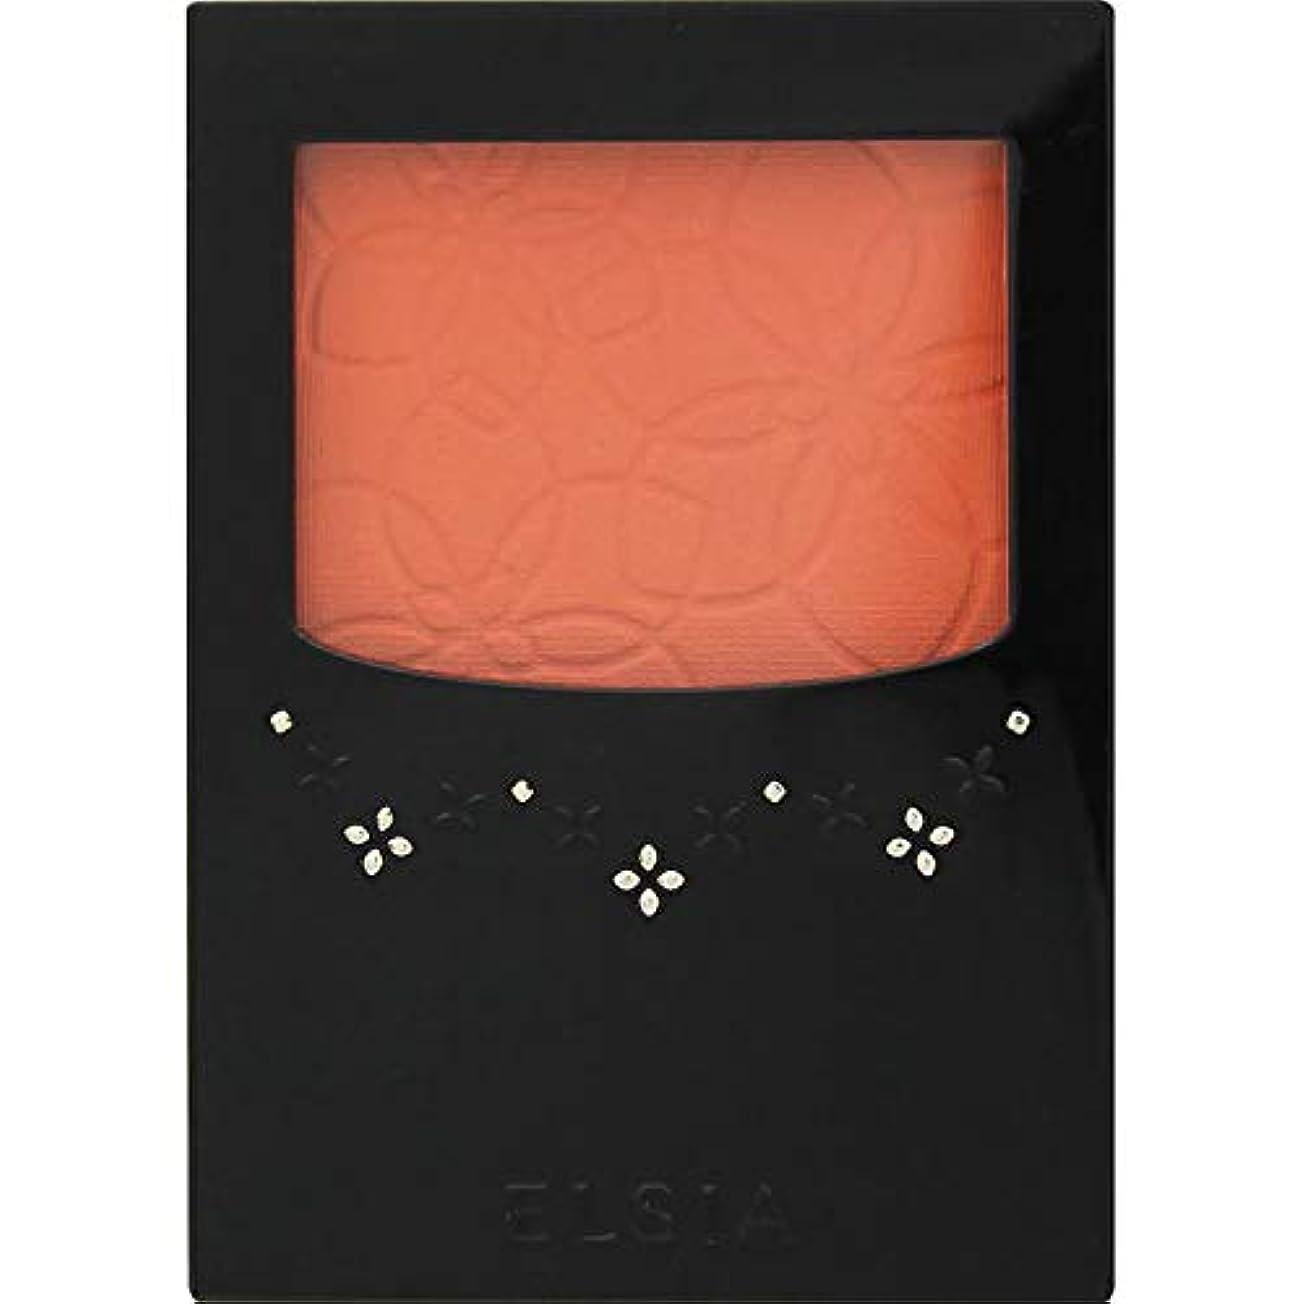 中断ケーブル不規則なエルシア プラチナム 明るさ&血色アップ チークカラー オレンジ系 OR200 3.5g